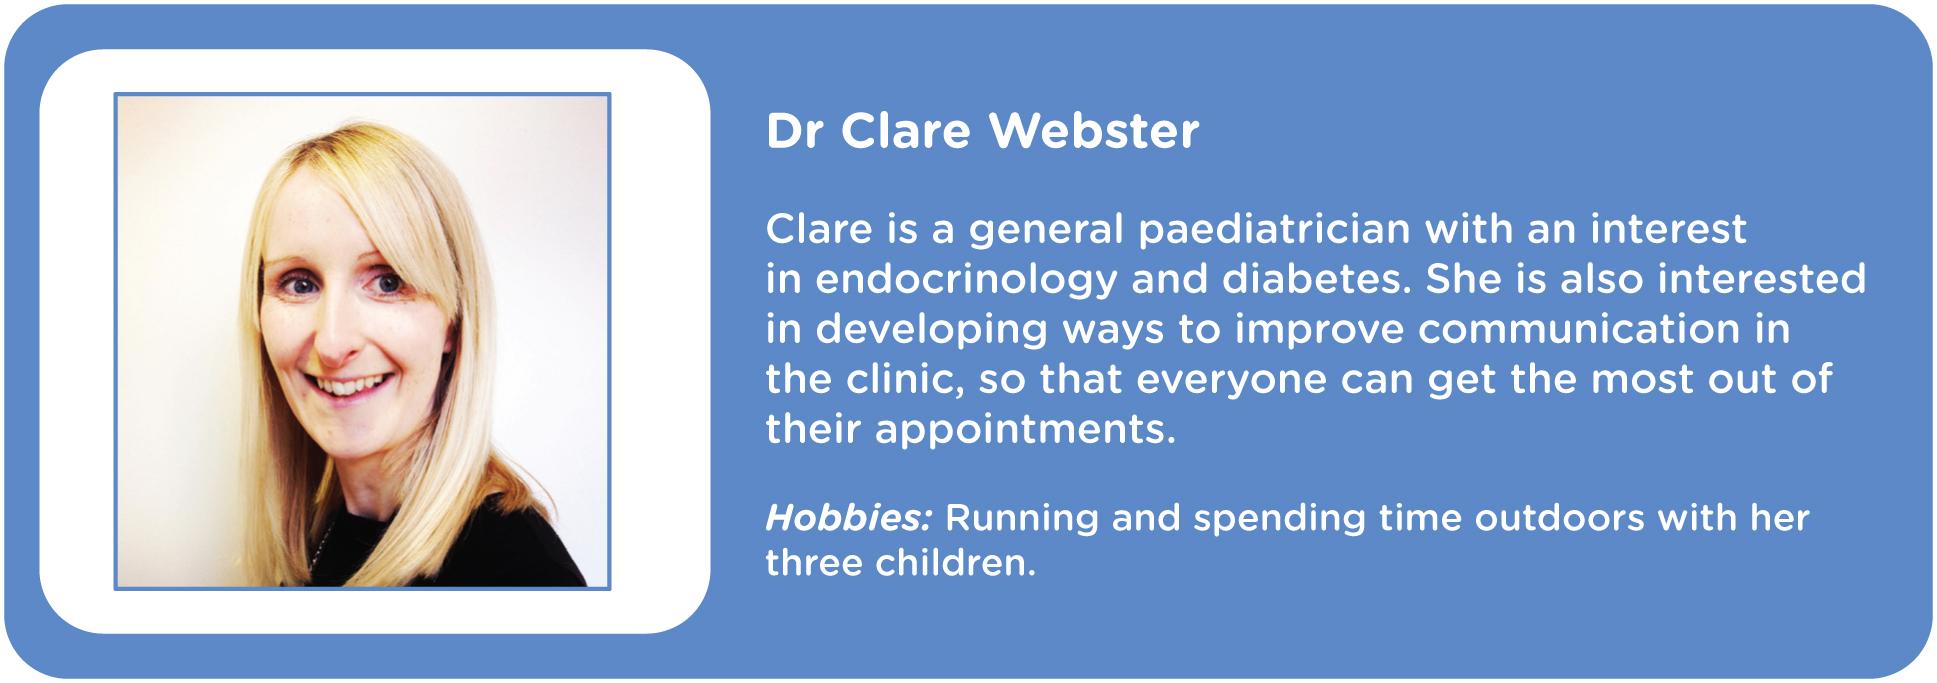 Clare Webster